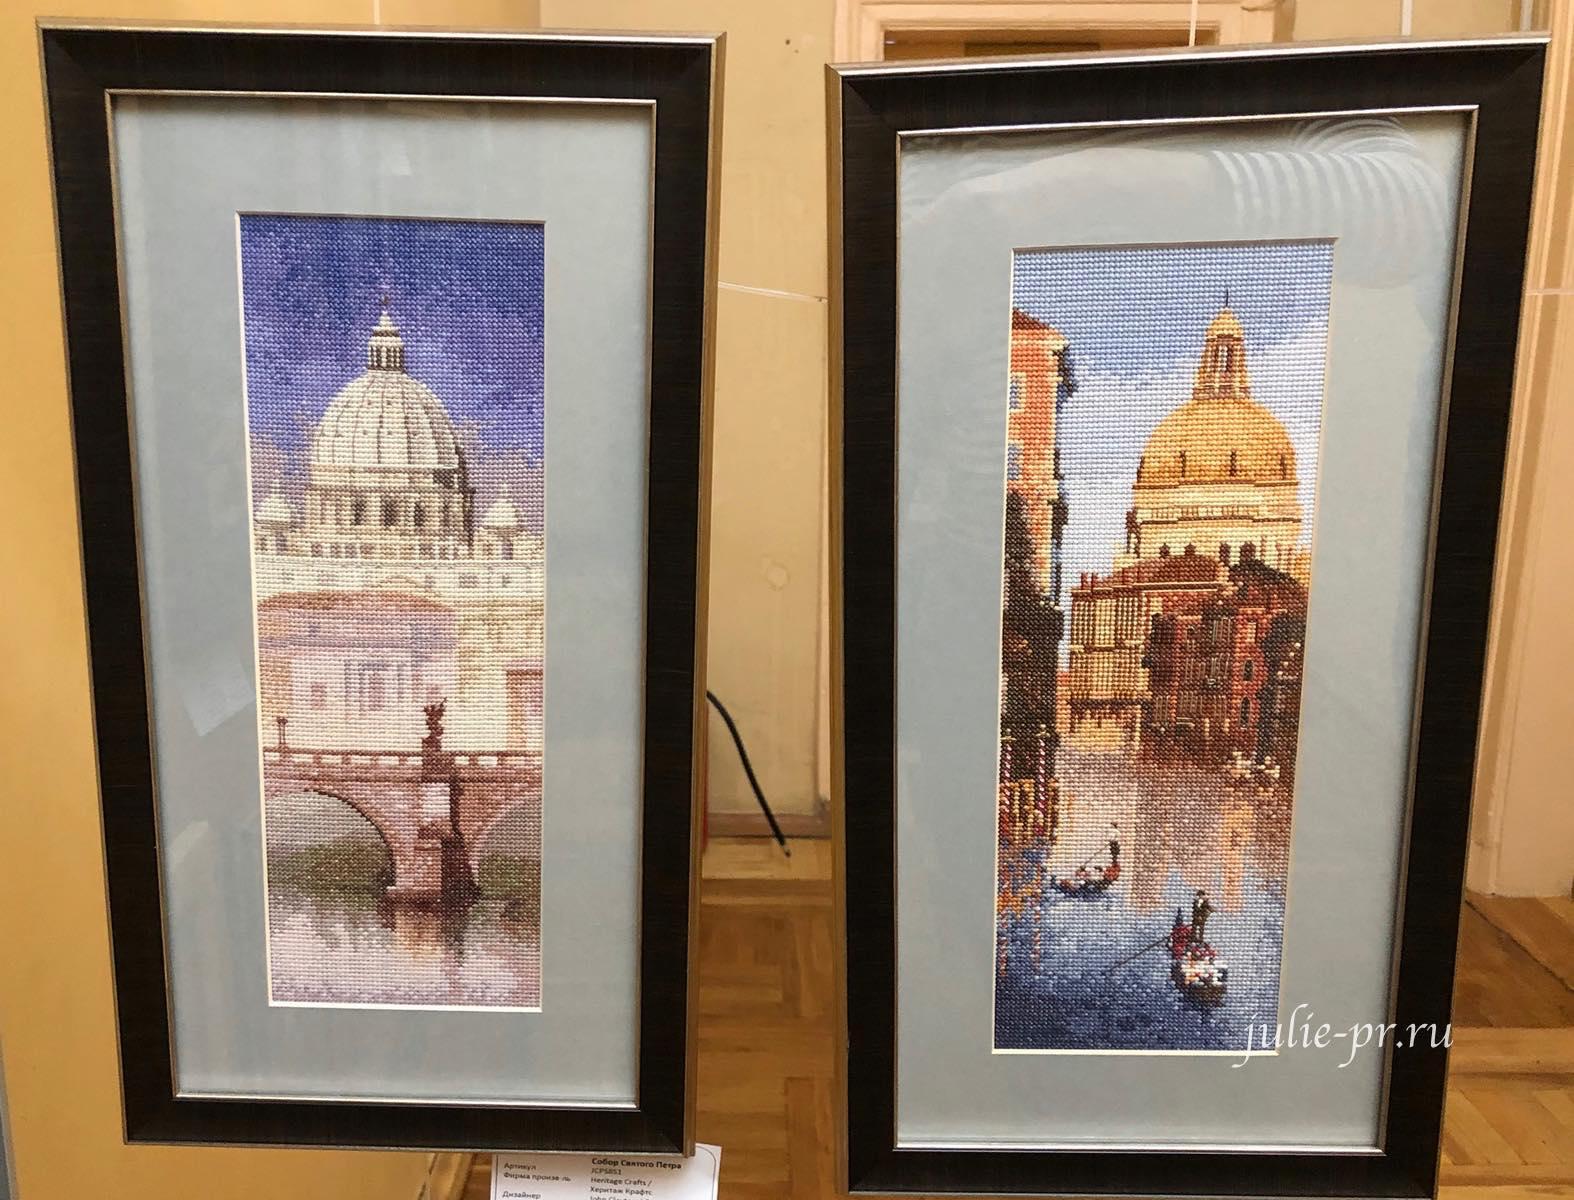 St. Peter's, Собор Святого Петра, Венеция, вышивка крестом, Heritage, John Clayton, выставка Грани Джона Клейтона